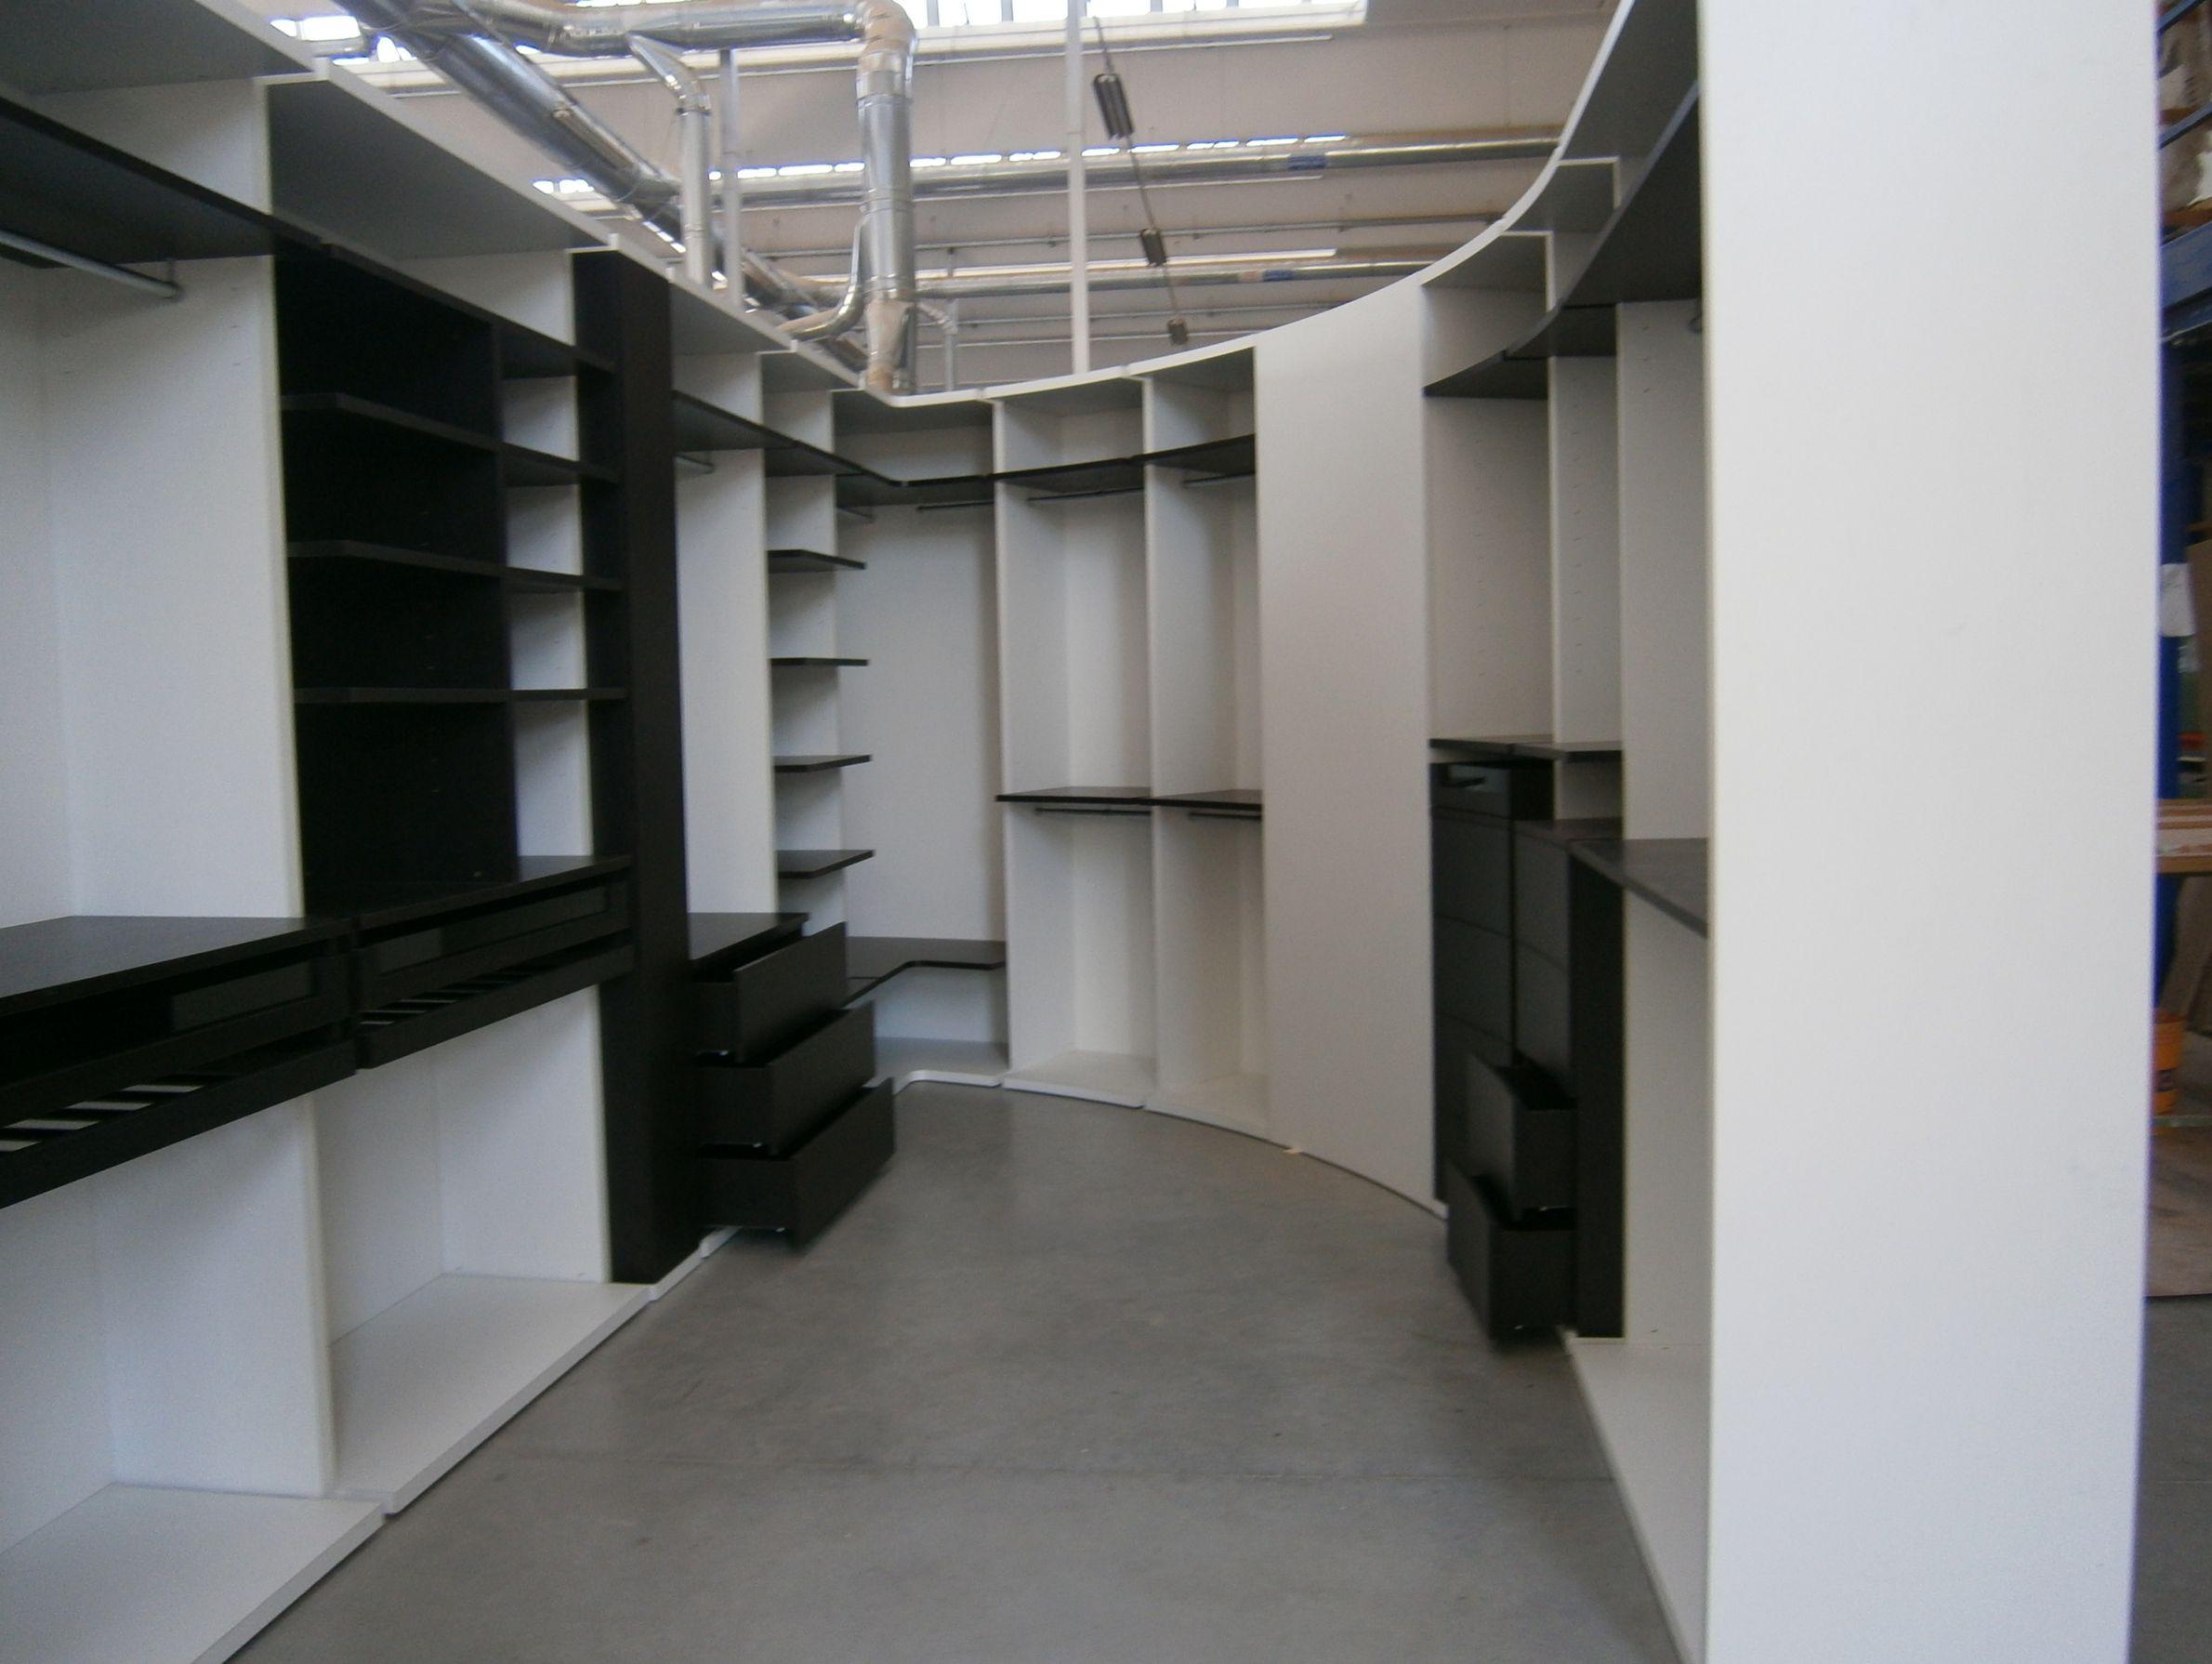 Cabine Armadio A Milano : Armadi su misura: armadi in legno su misura milano fatti bene